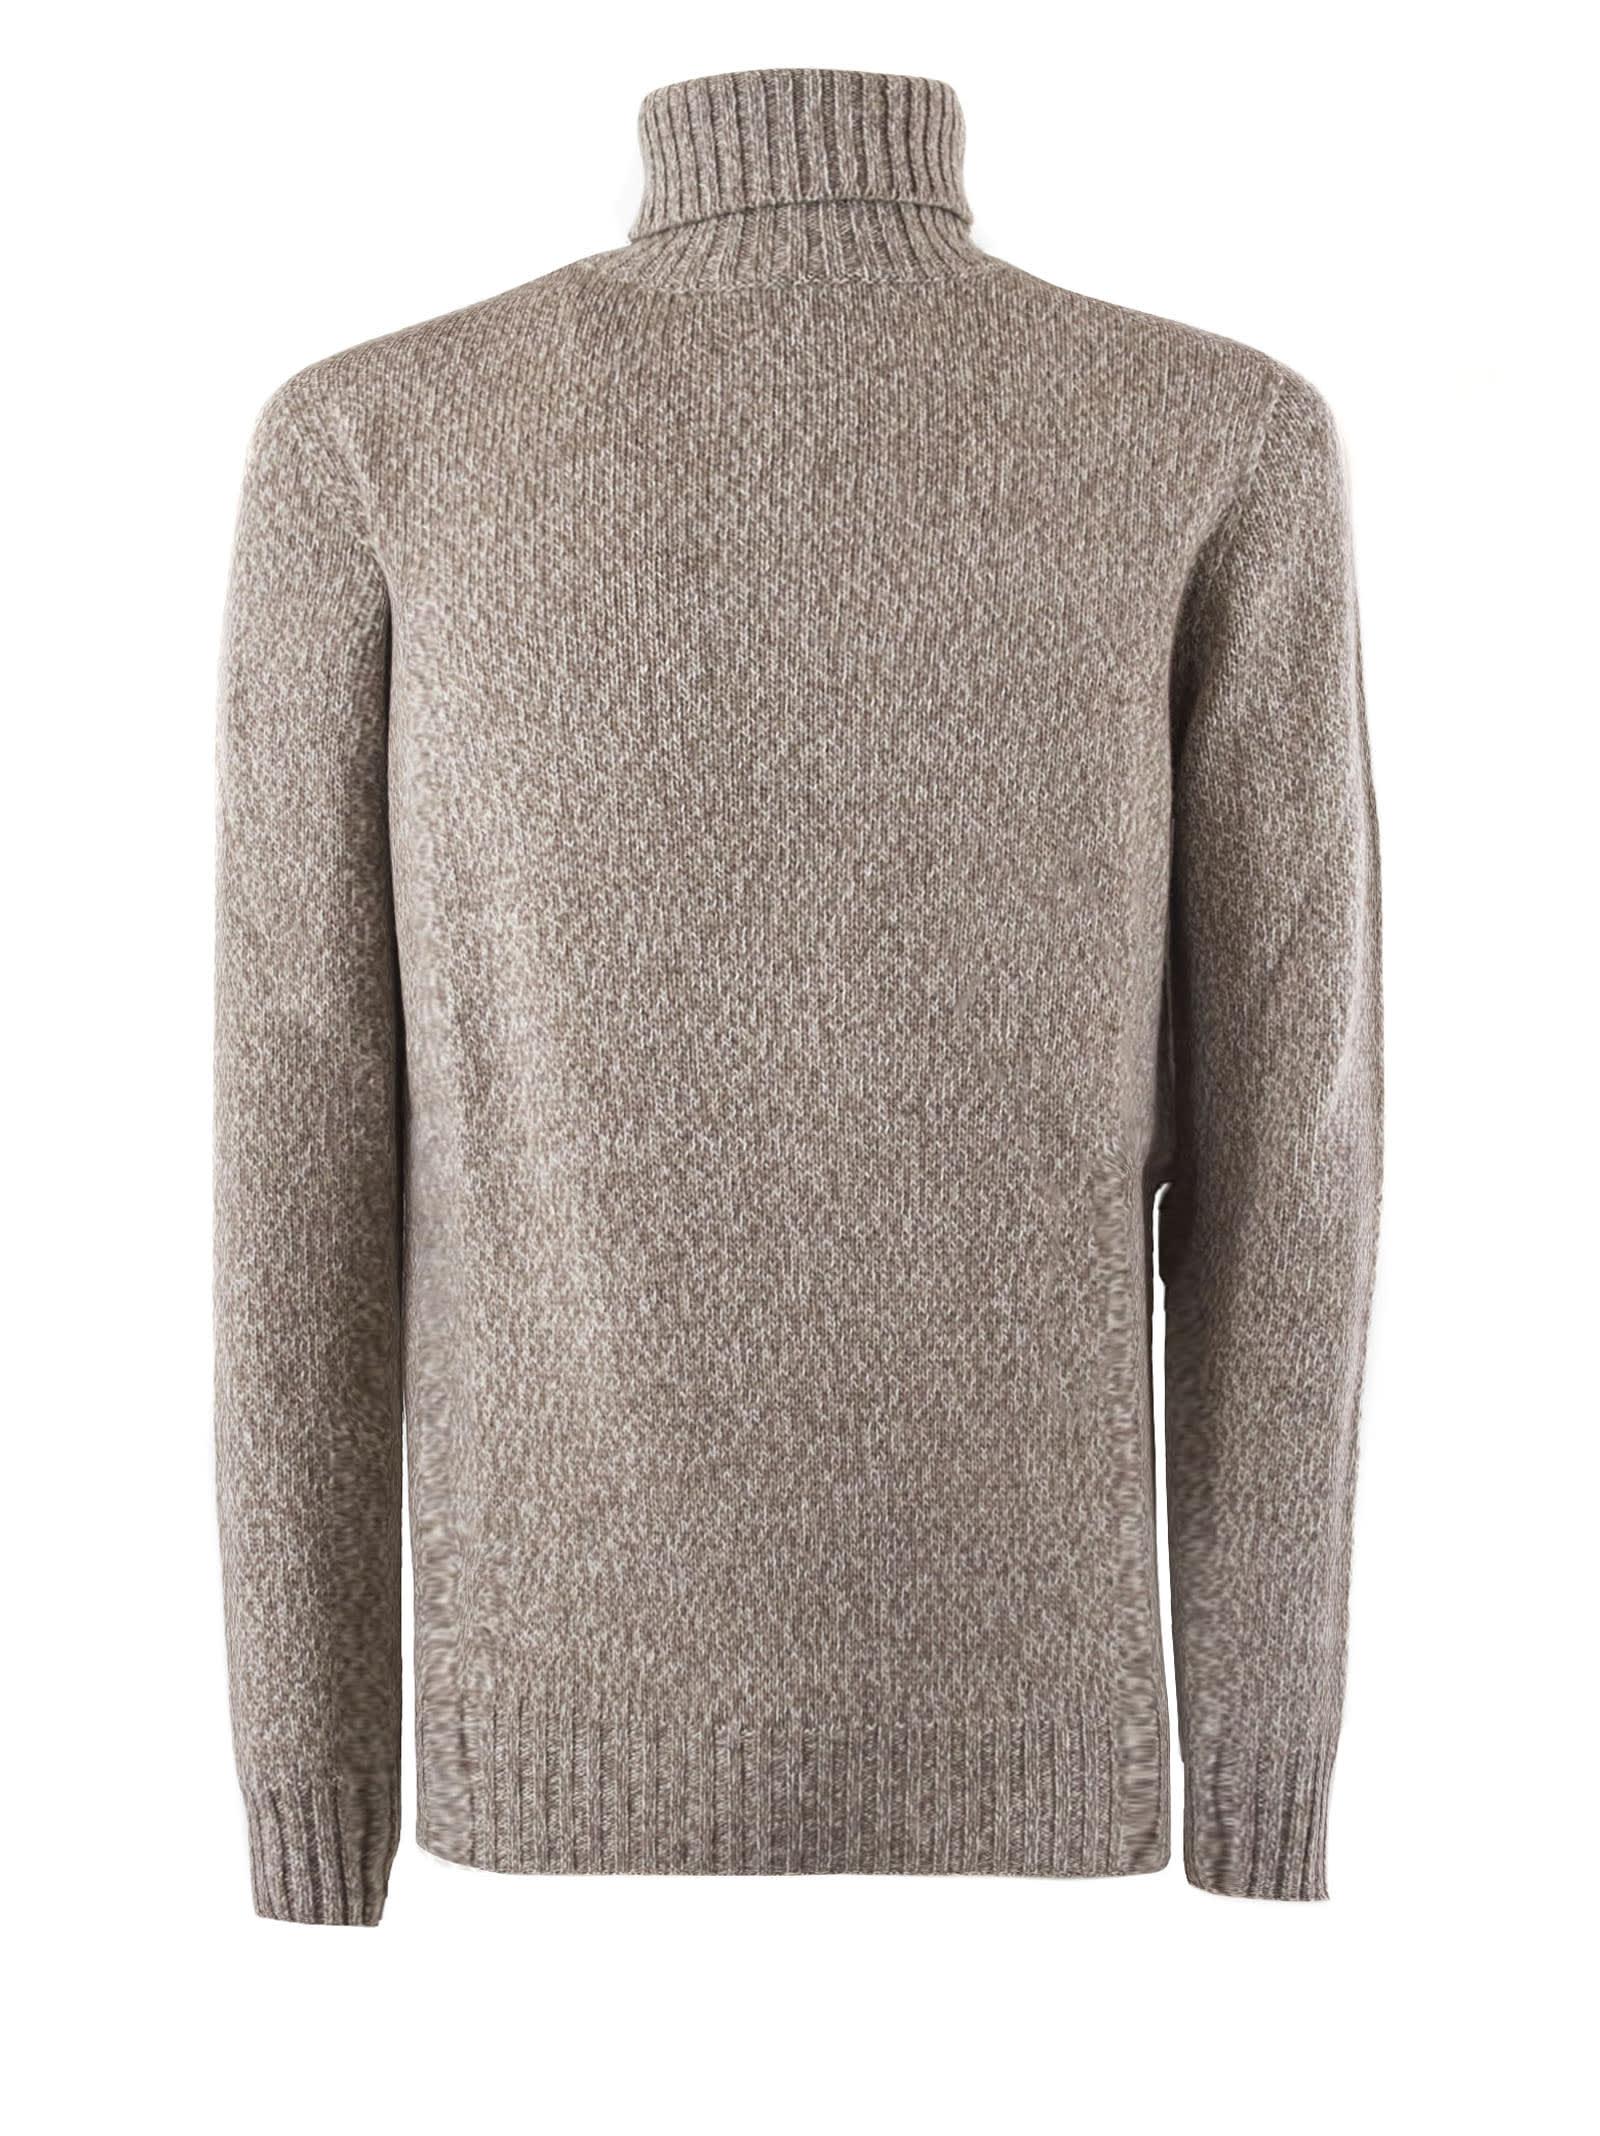 Yak And Merino Wool Sweater